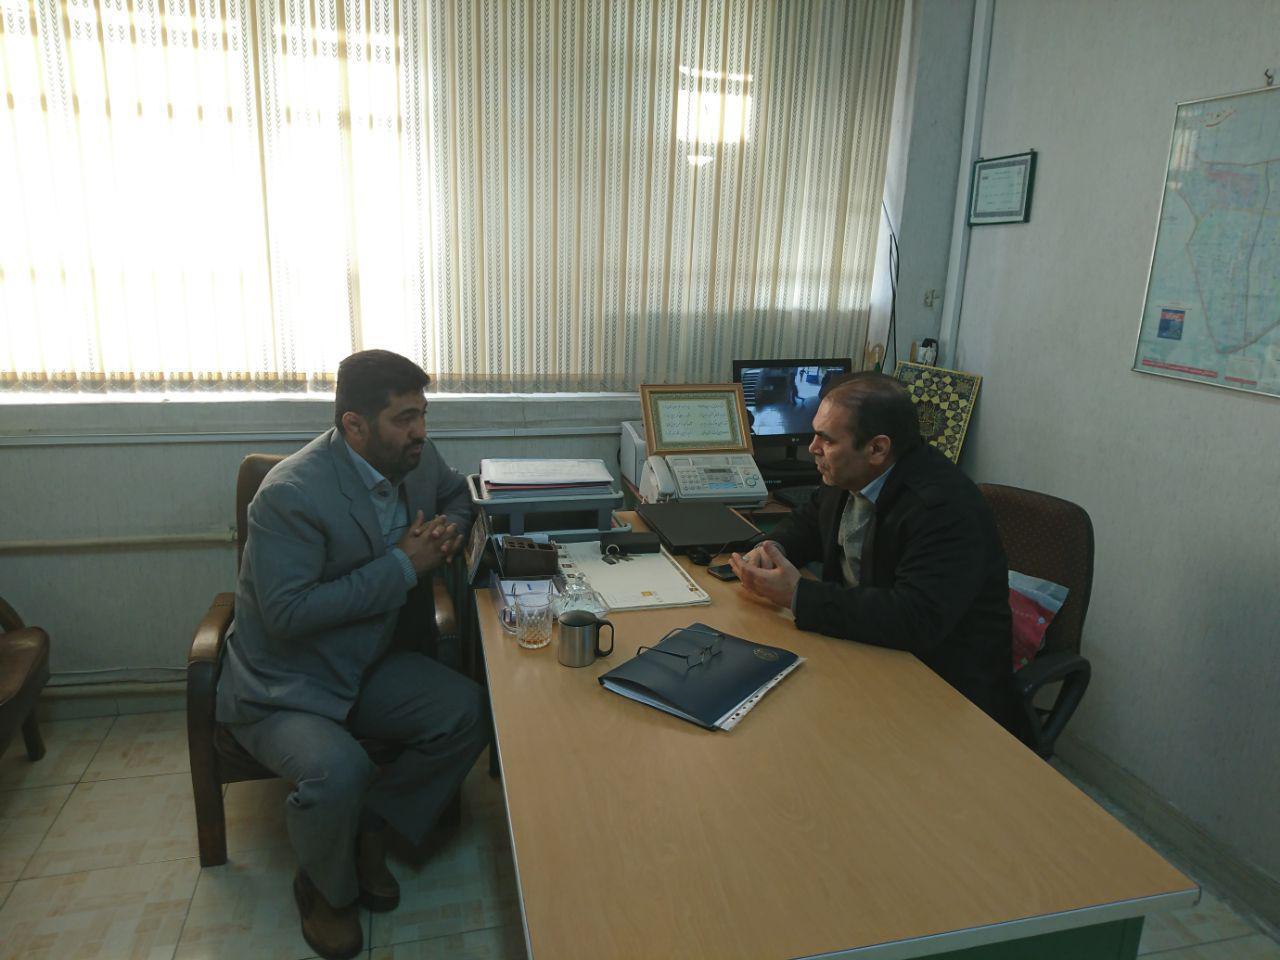 مدیریت دبیرستان شهدای صنف گردبافان با مدیریت دبیرستان زکریا رازی دیدار کردند.